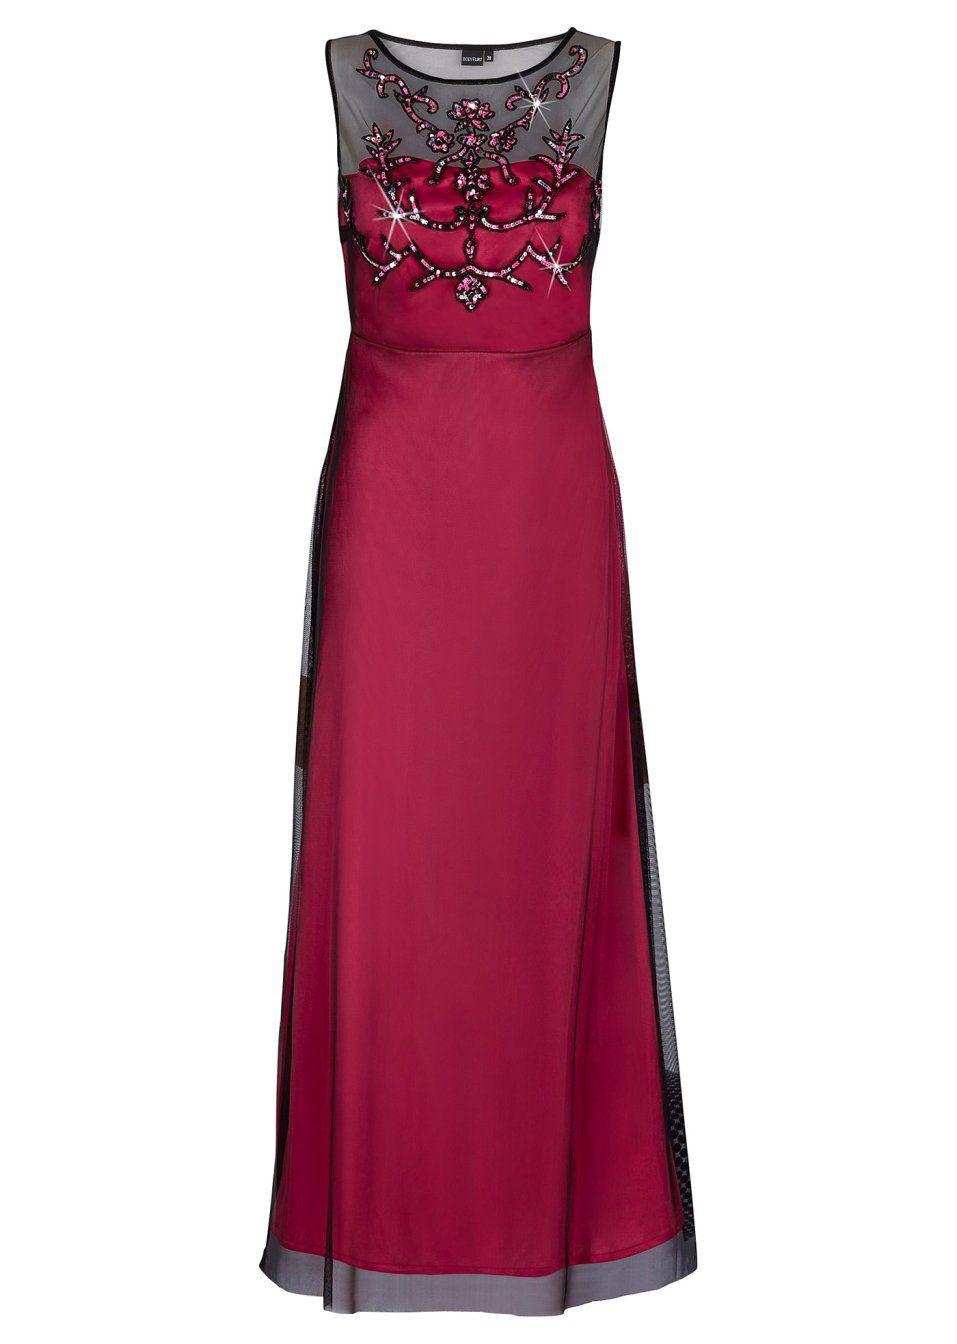 Alkalmi ruha Lélegzetelállító színekben • 11999.0 Ft • bonprix ... 0fbd89ef61